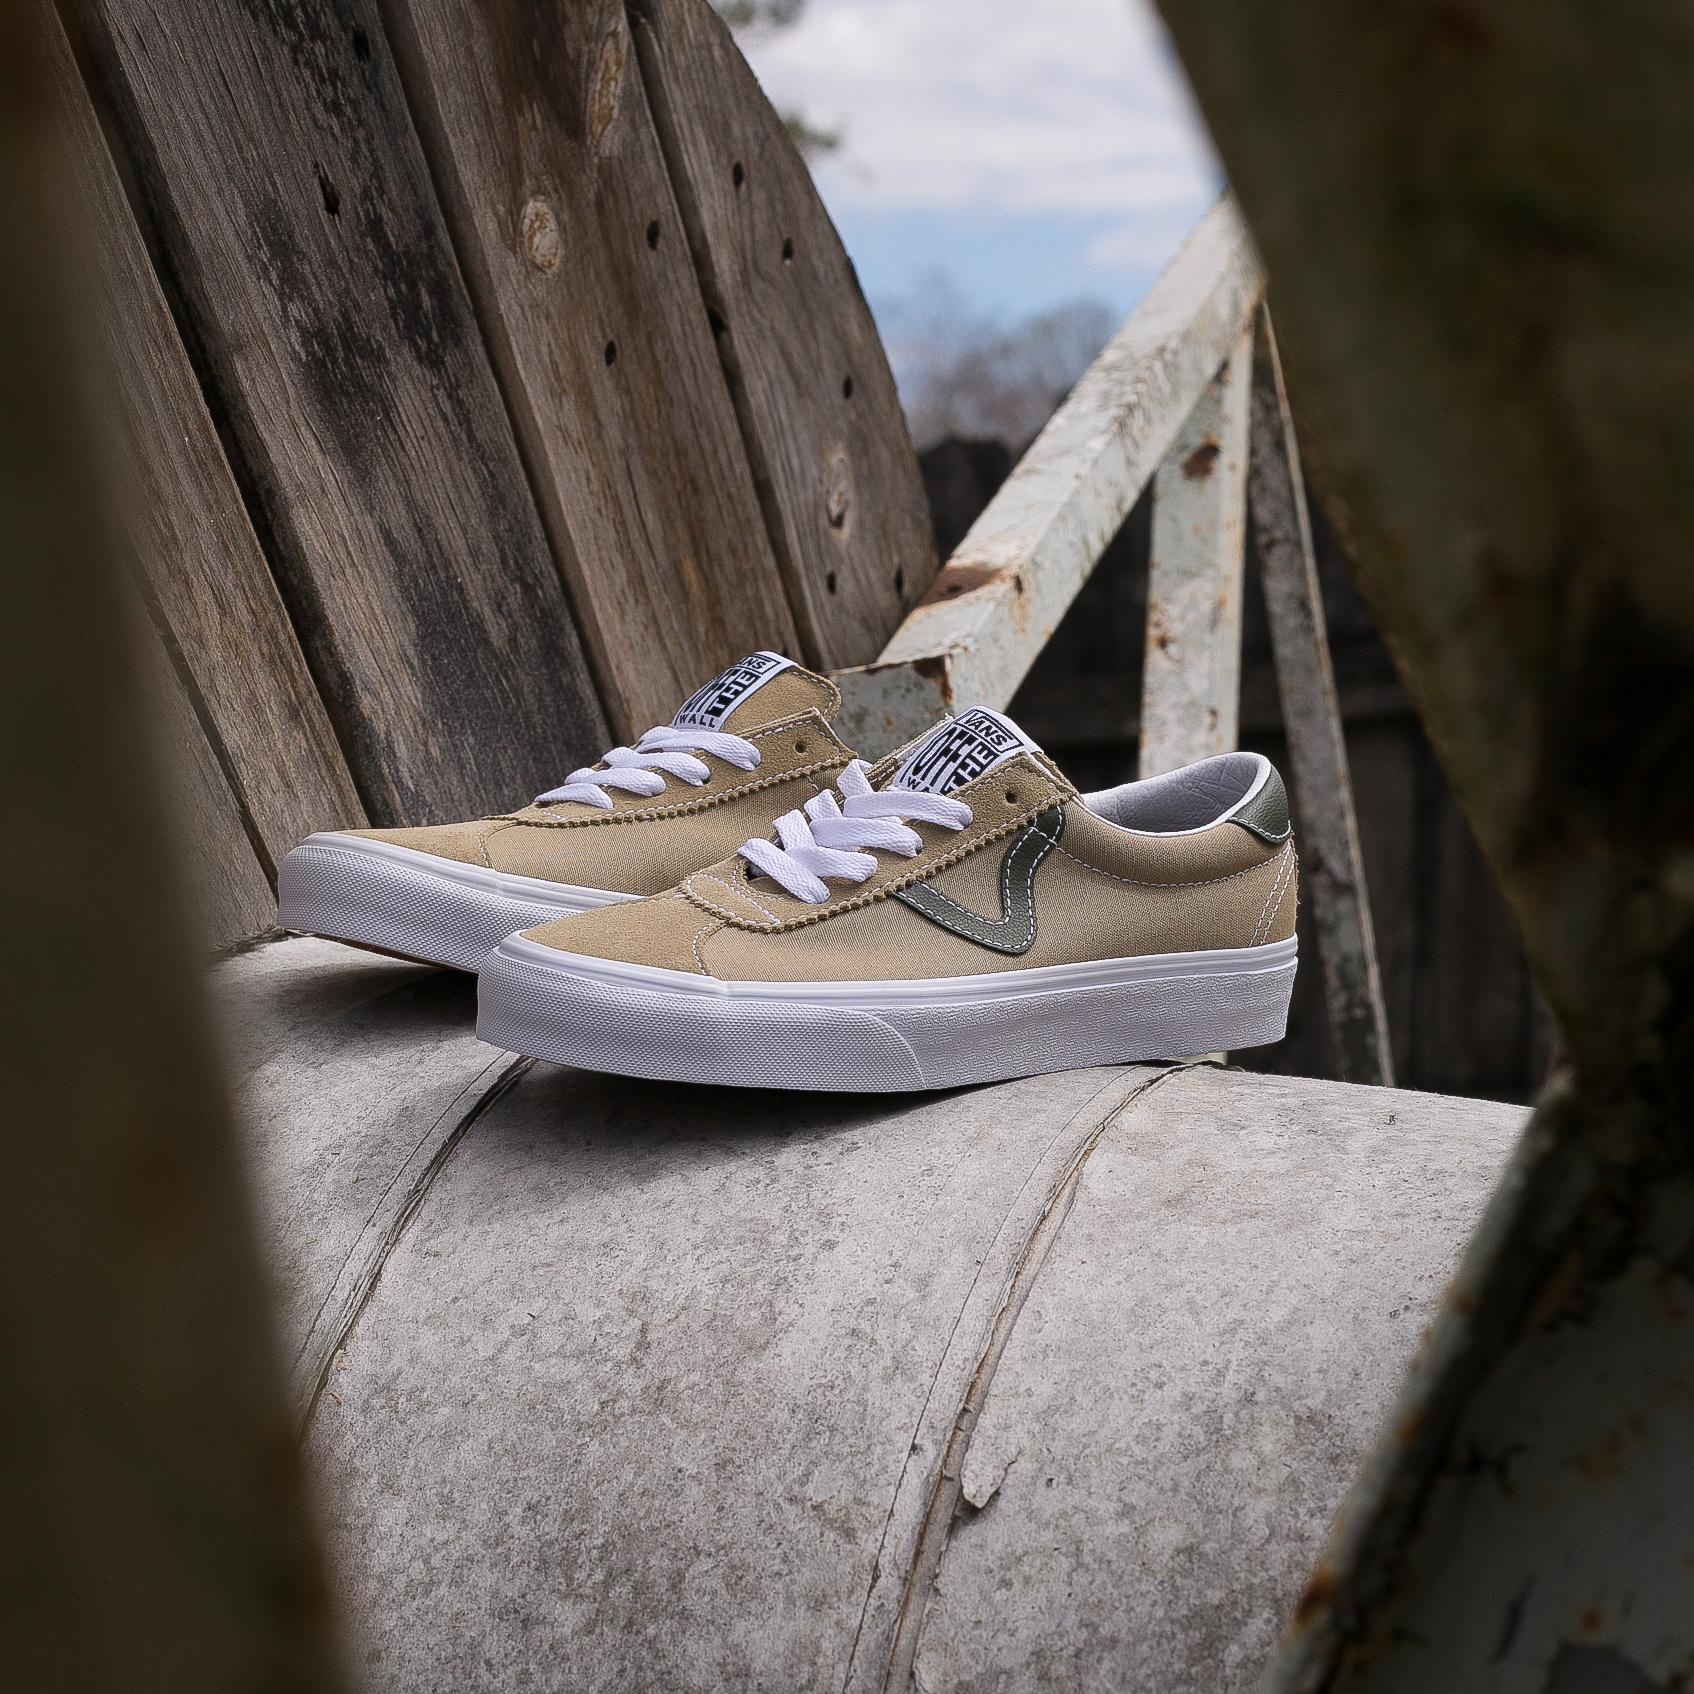 Vans Vans Sport  Beige/Military Green